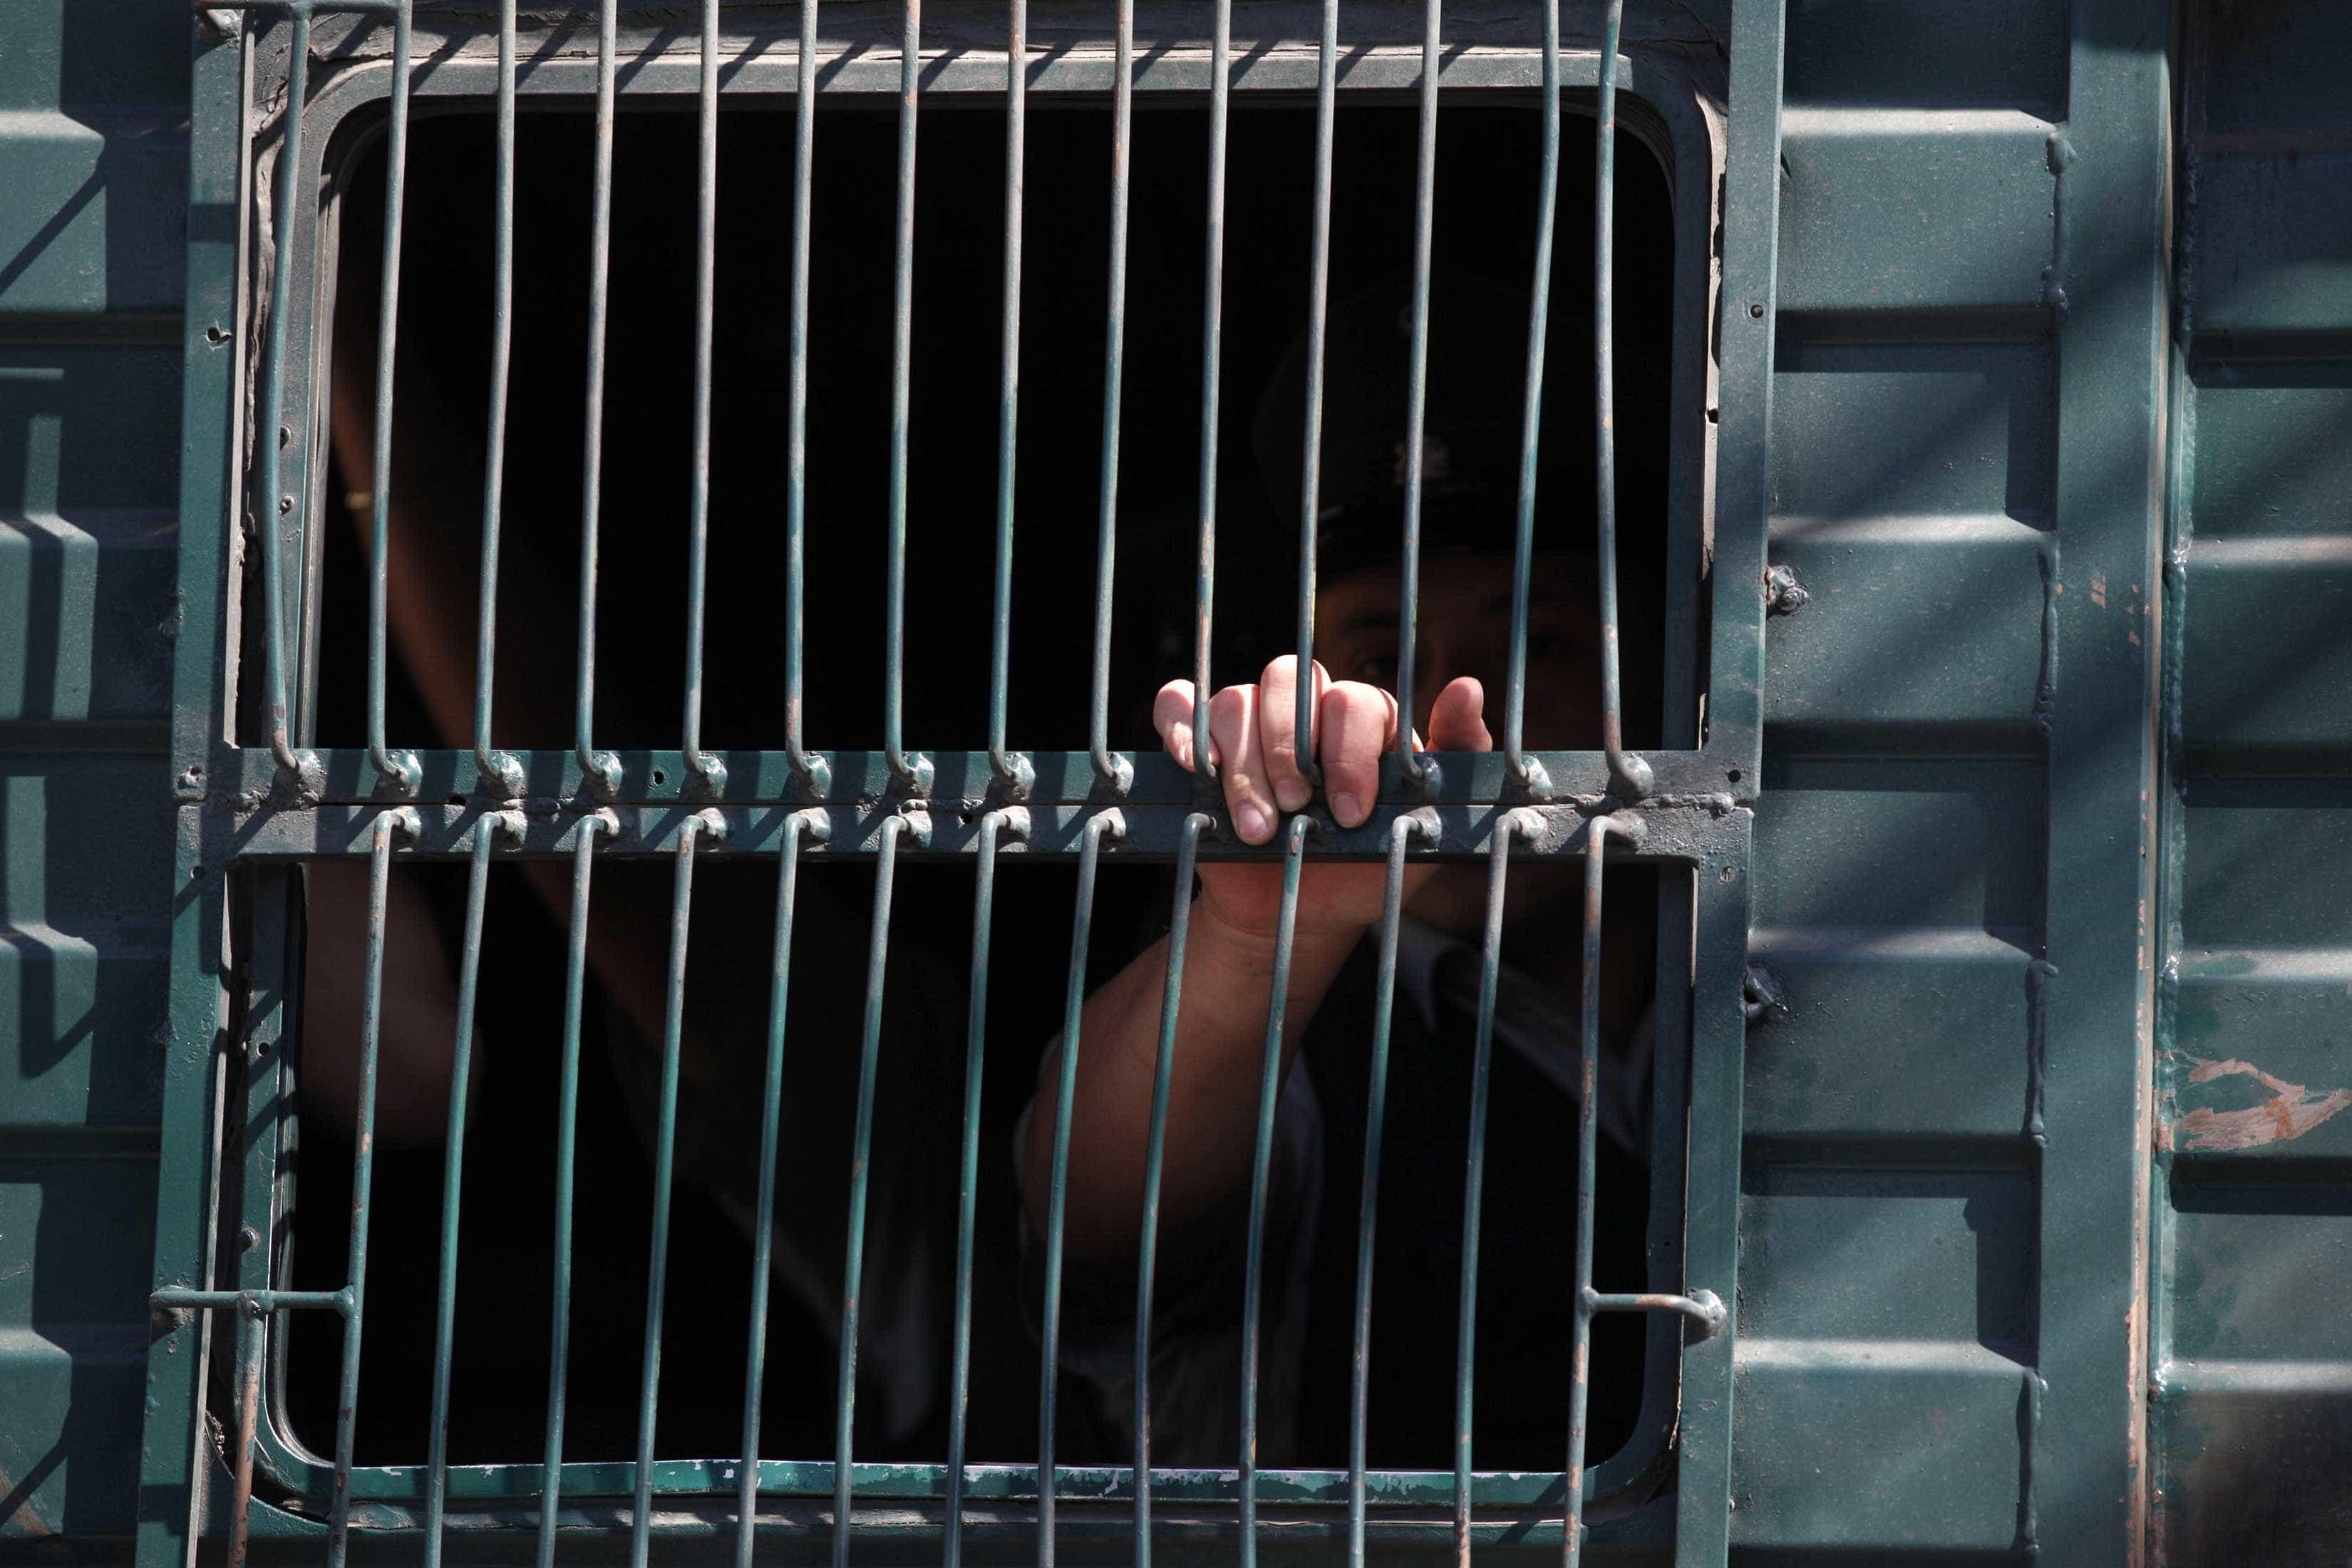 Quatro portugueses detidos em Espanha por suspeita de tráfico de pessoas